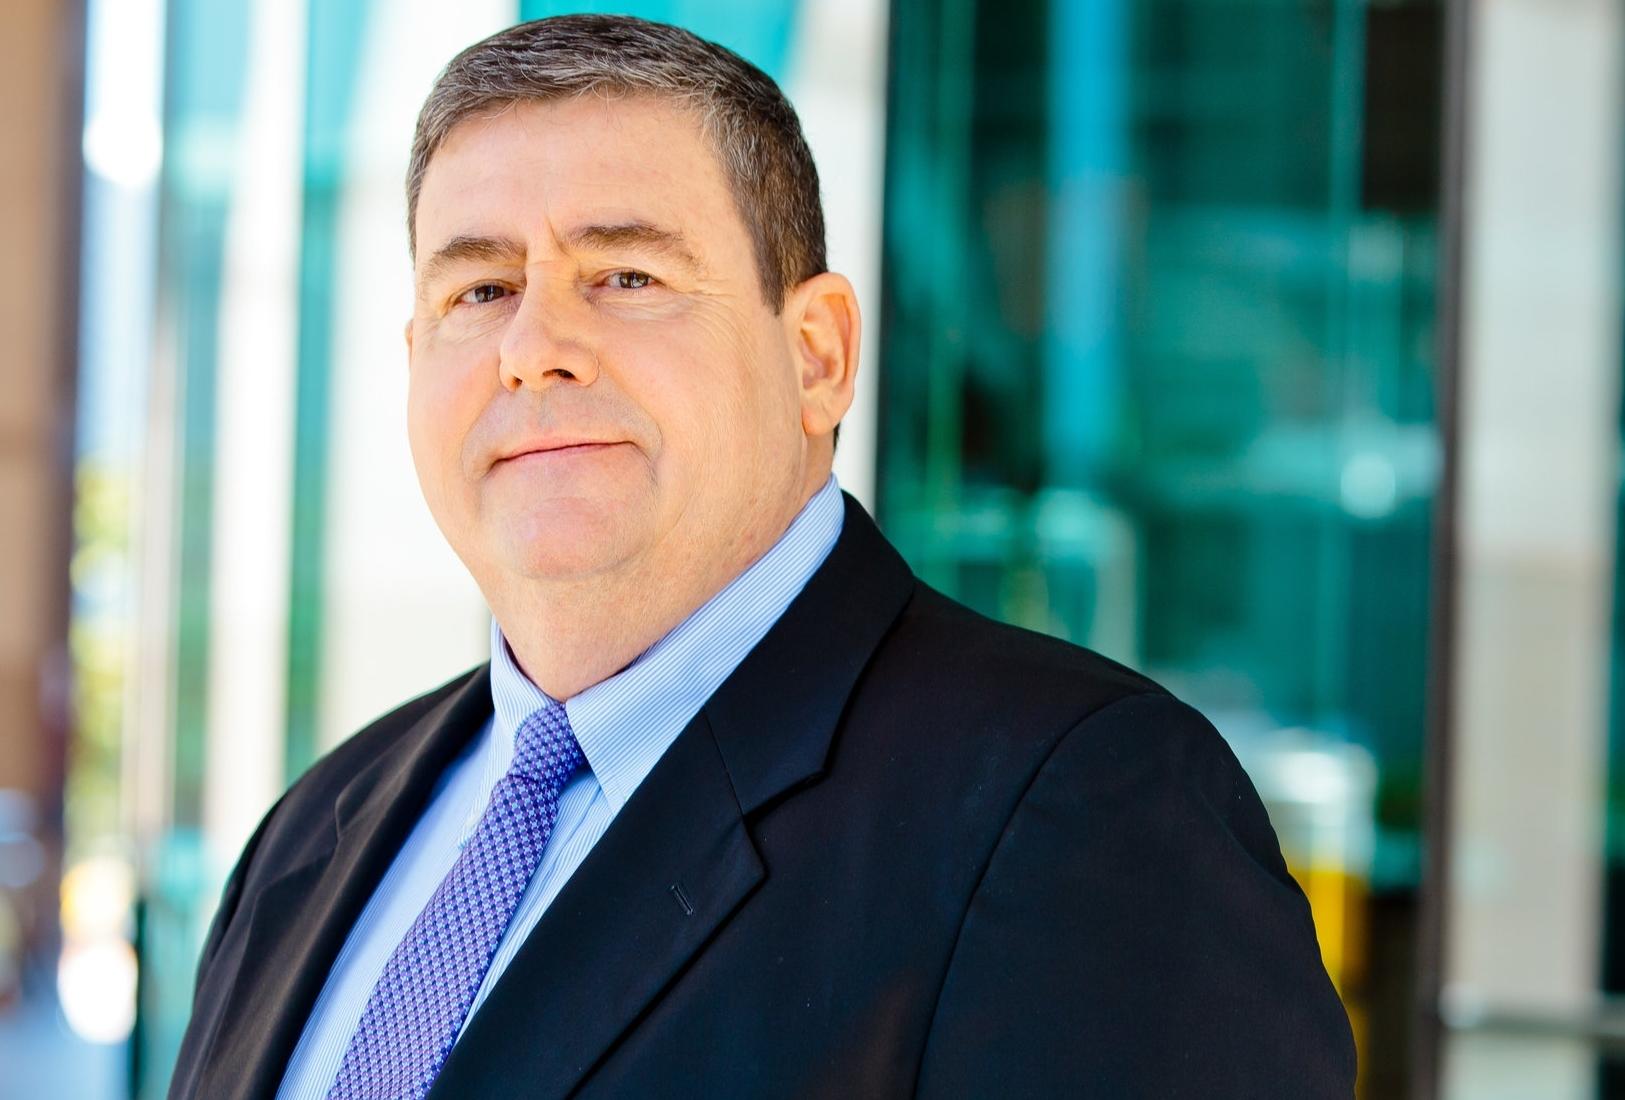 Frank D. North Partner   fpond@pondnorth.com